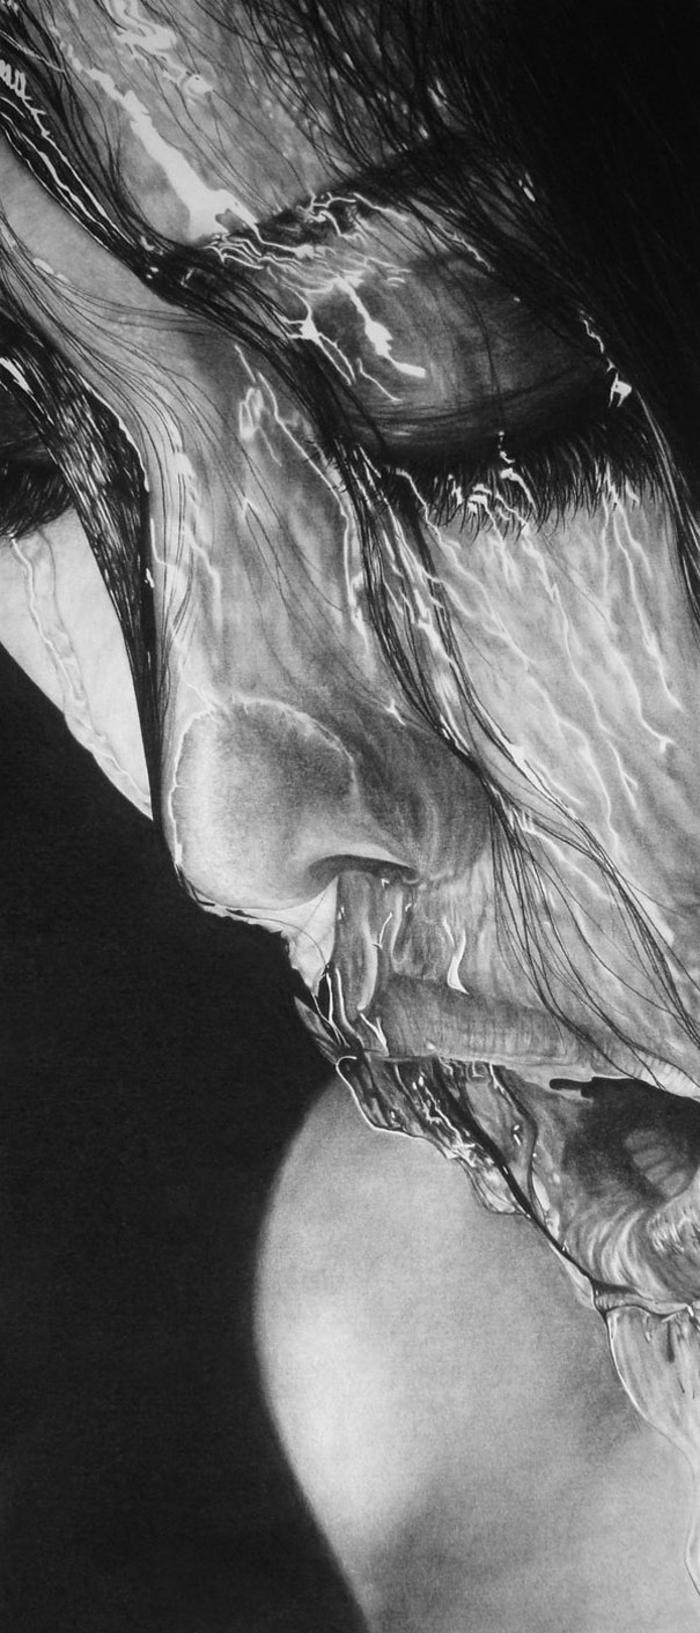 Portrait fusain, dessin pour debutant, étape par étape apprendre les dessins, portrait de femme dans eau, reproduire une photo en image au fusain